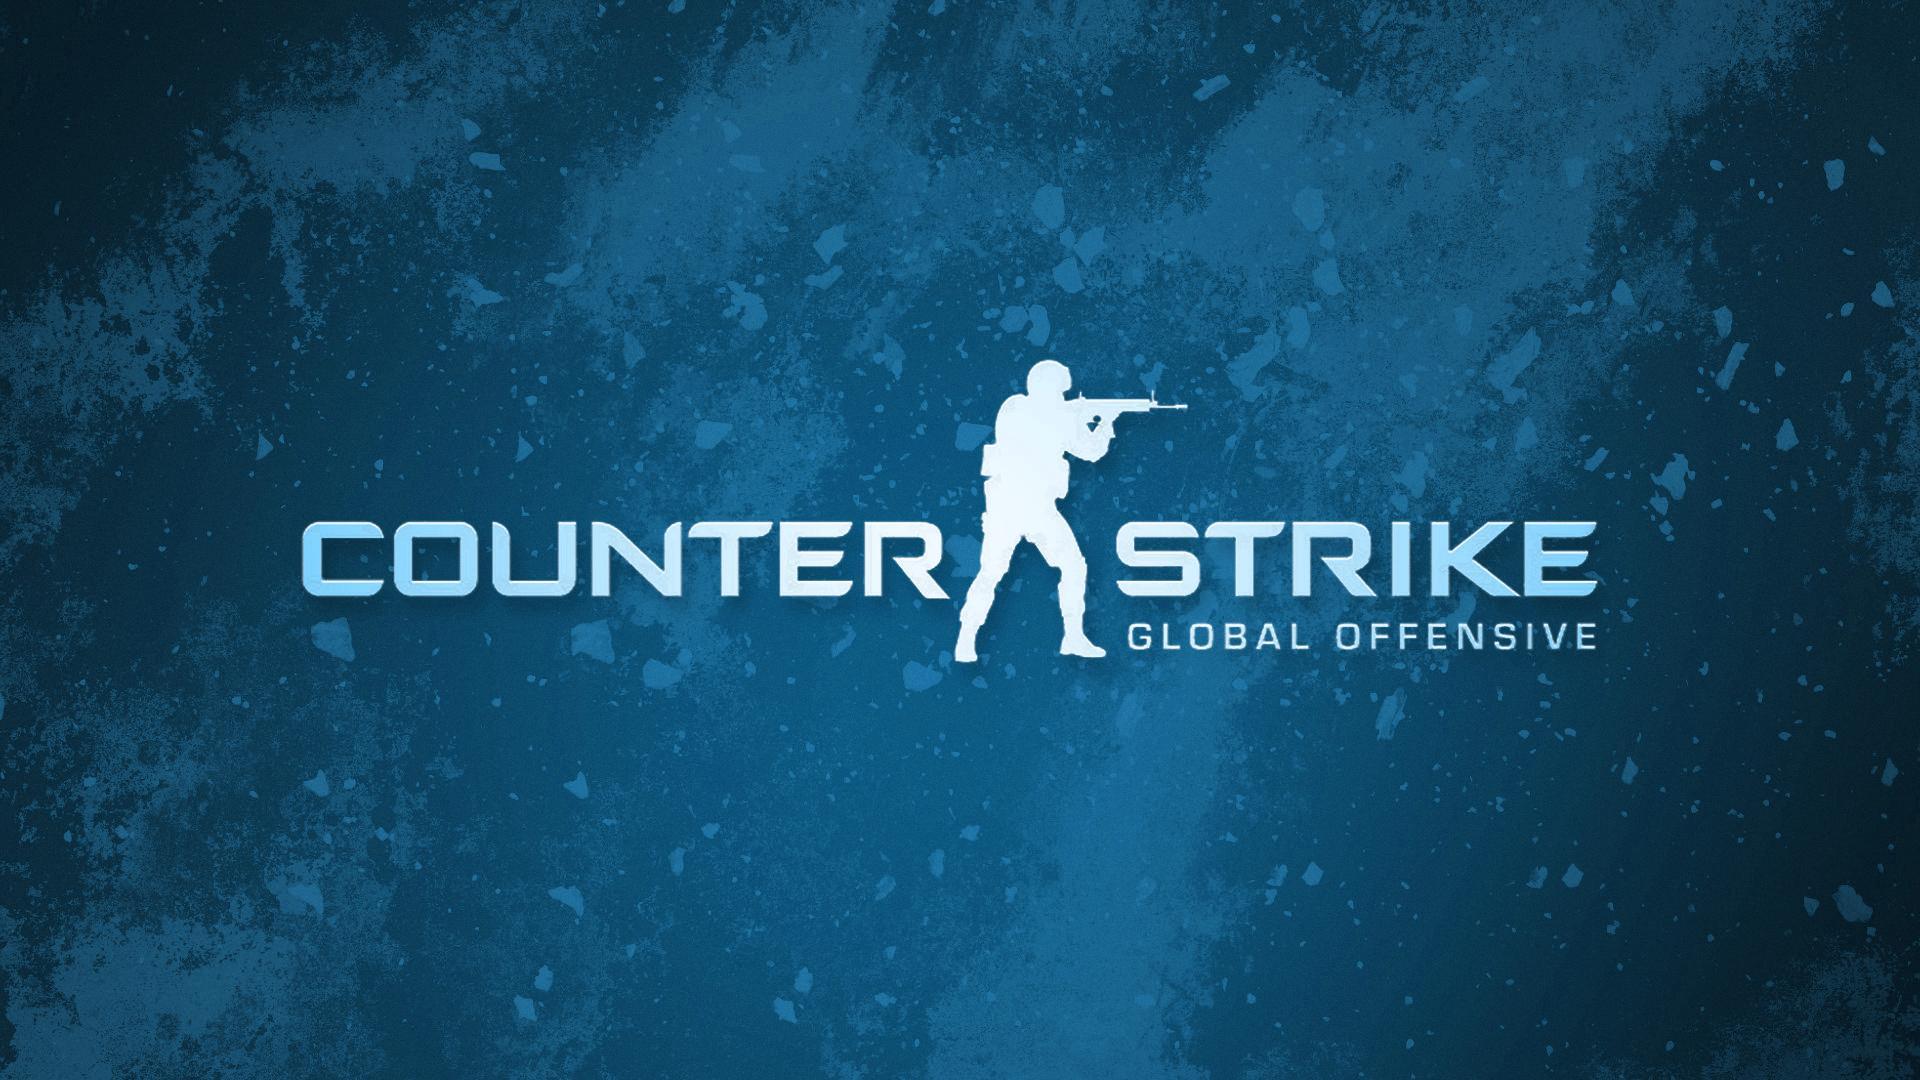 Offensive Wallpaper Hintergrundbild HQ 2014 GLOBAL OFFENSIVECOM 1920x1080